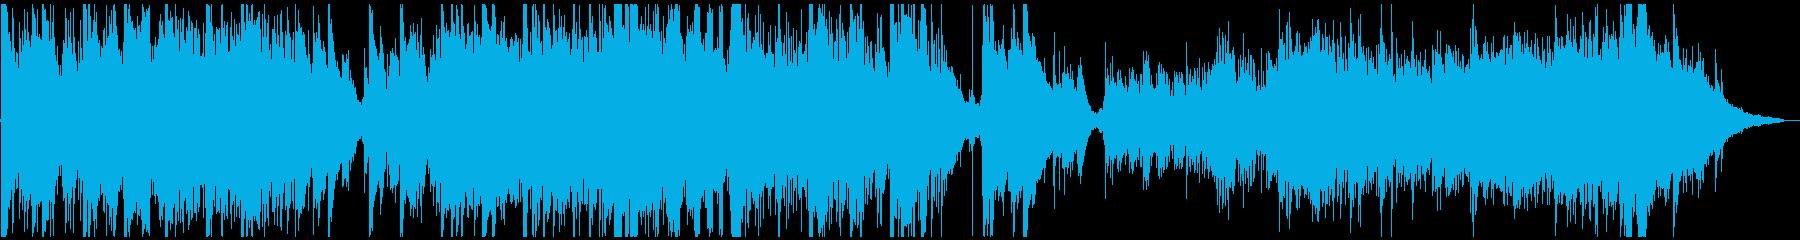 チャイニーズポップ ファンタジー ...の再生済みの波形